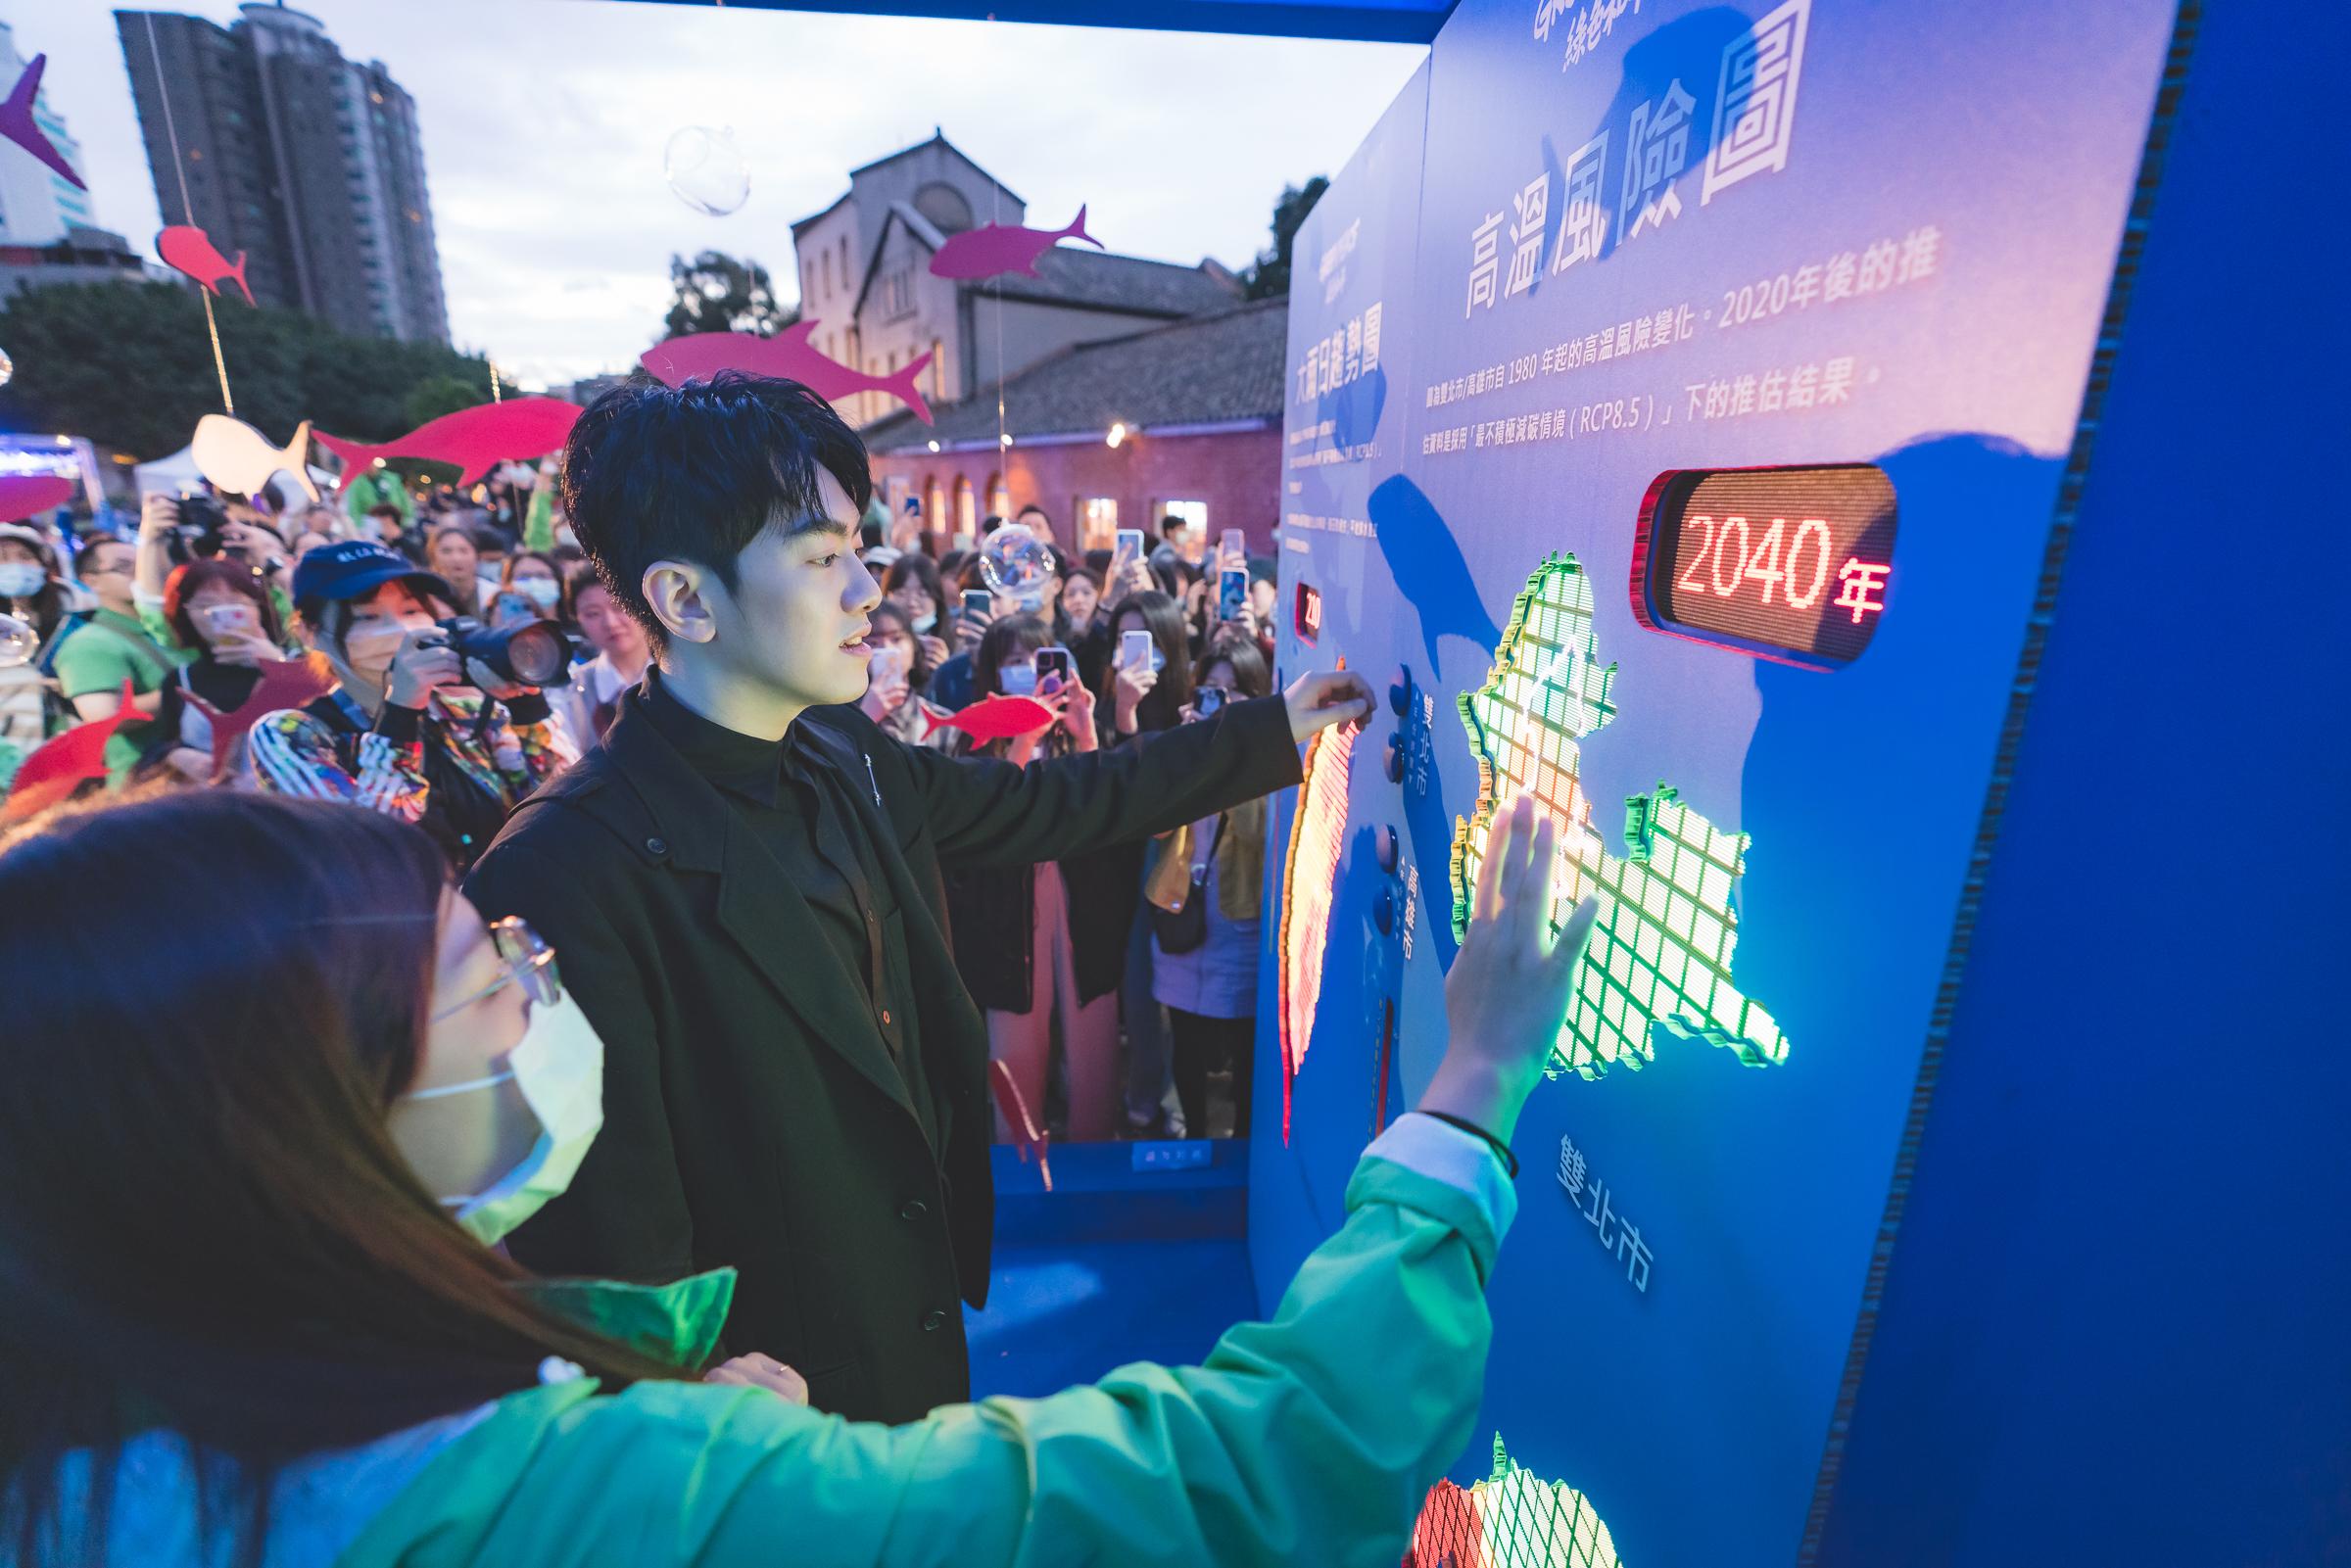 李友廷在現場表演後,體驗綠色和平設置的未來體驗屋,對大雨日趨勢圖及高溫風險圖表示印象深刻。